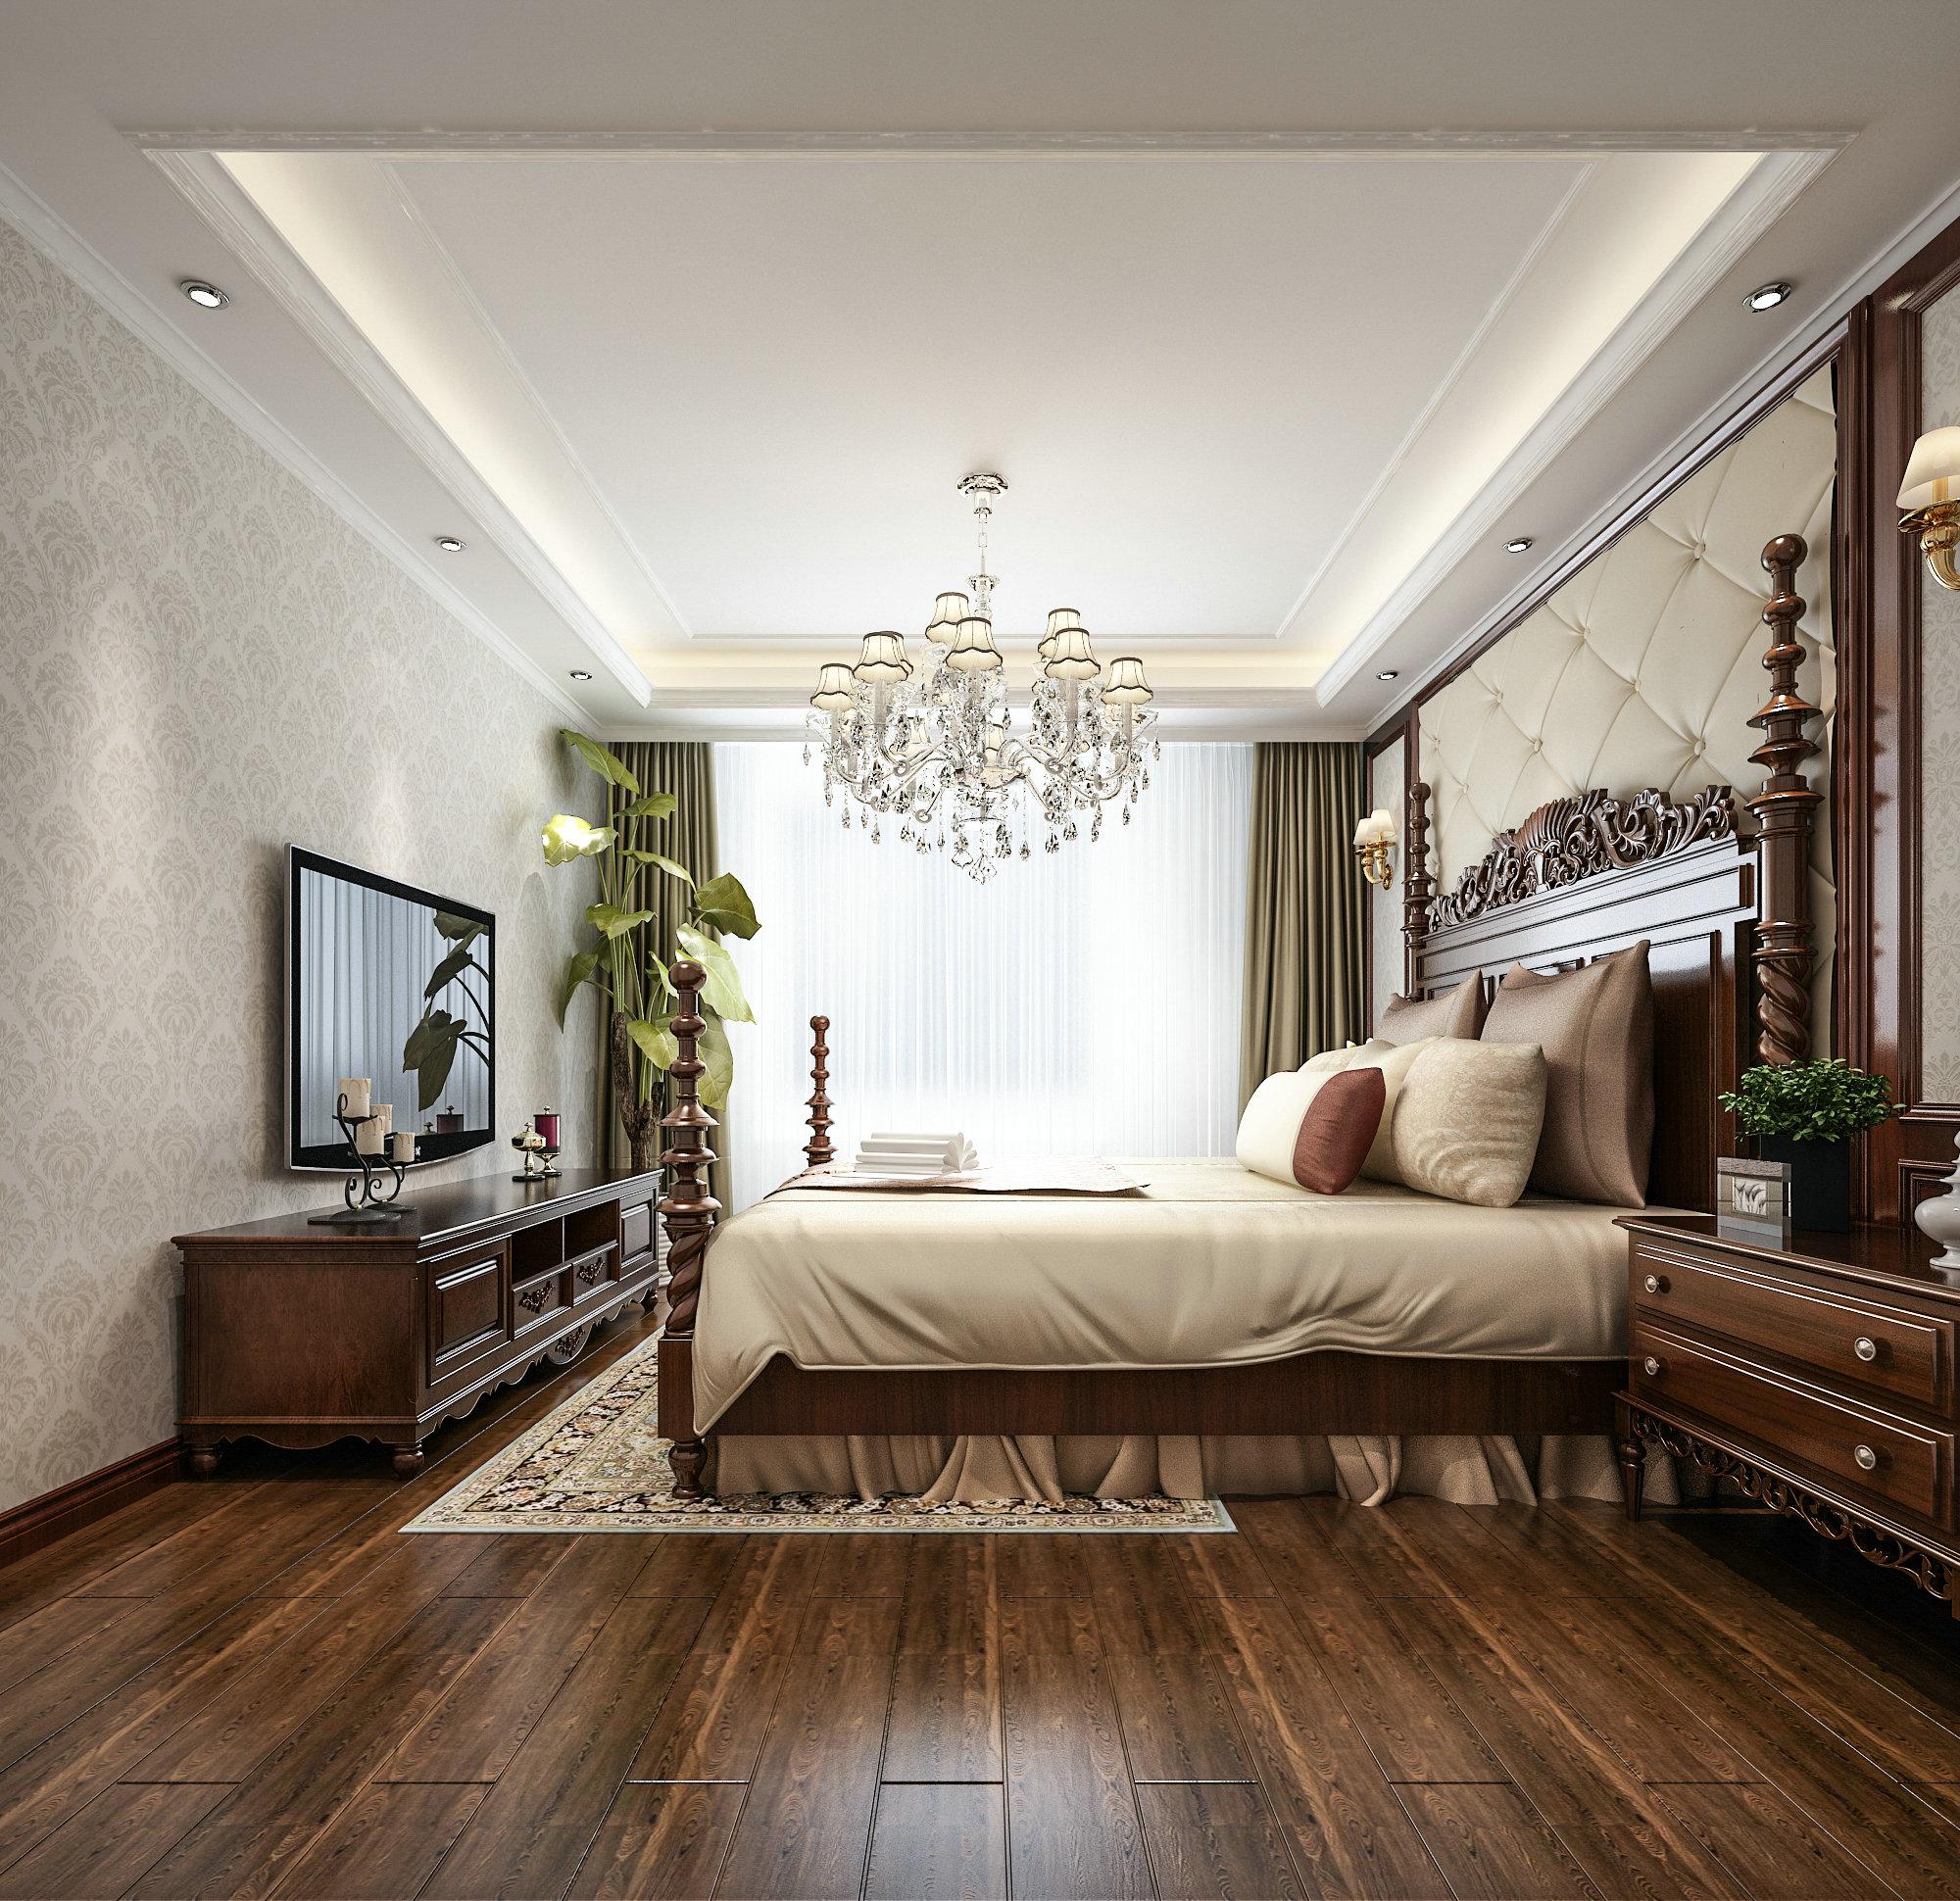 万科提香 别墅装修 欧式古典 腾龙设计 卧室图片来自孔继民在万科提香别墅项目装修欧式古典的分享